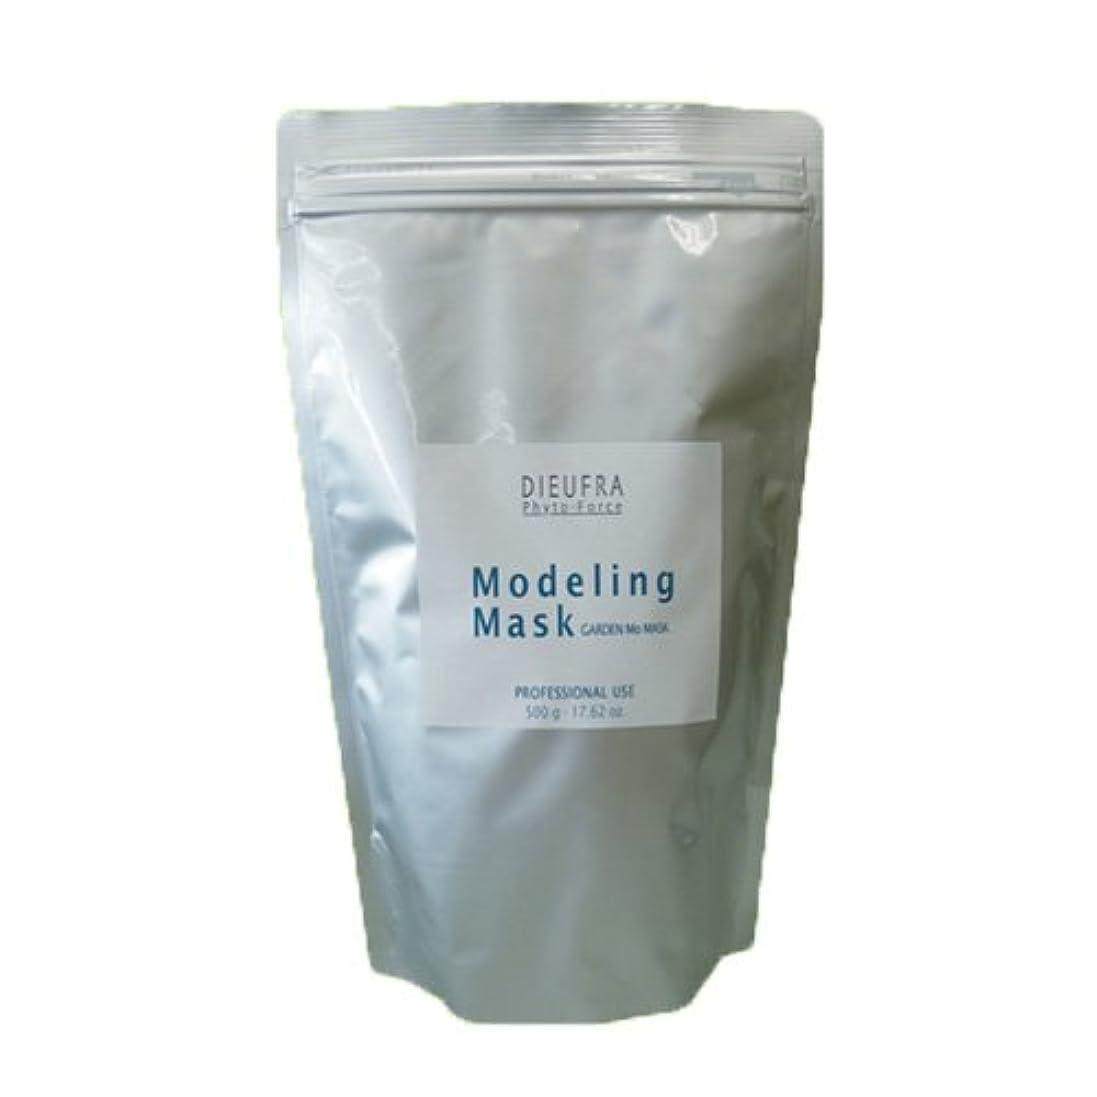 エゴマニア潤滑する博覧会デュフラ モデリング マスク 500g